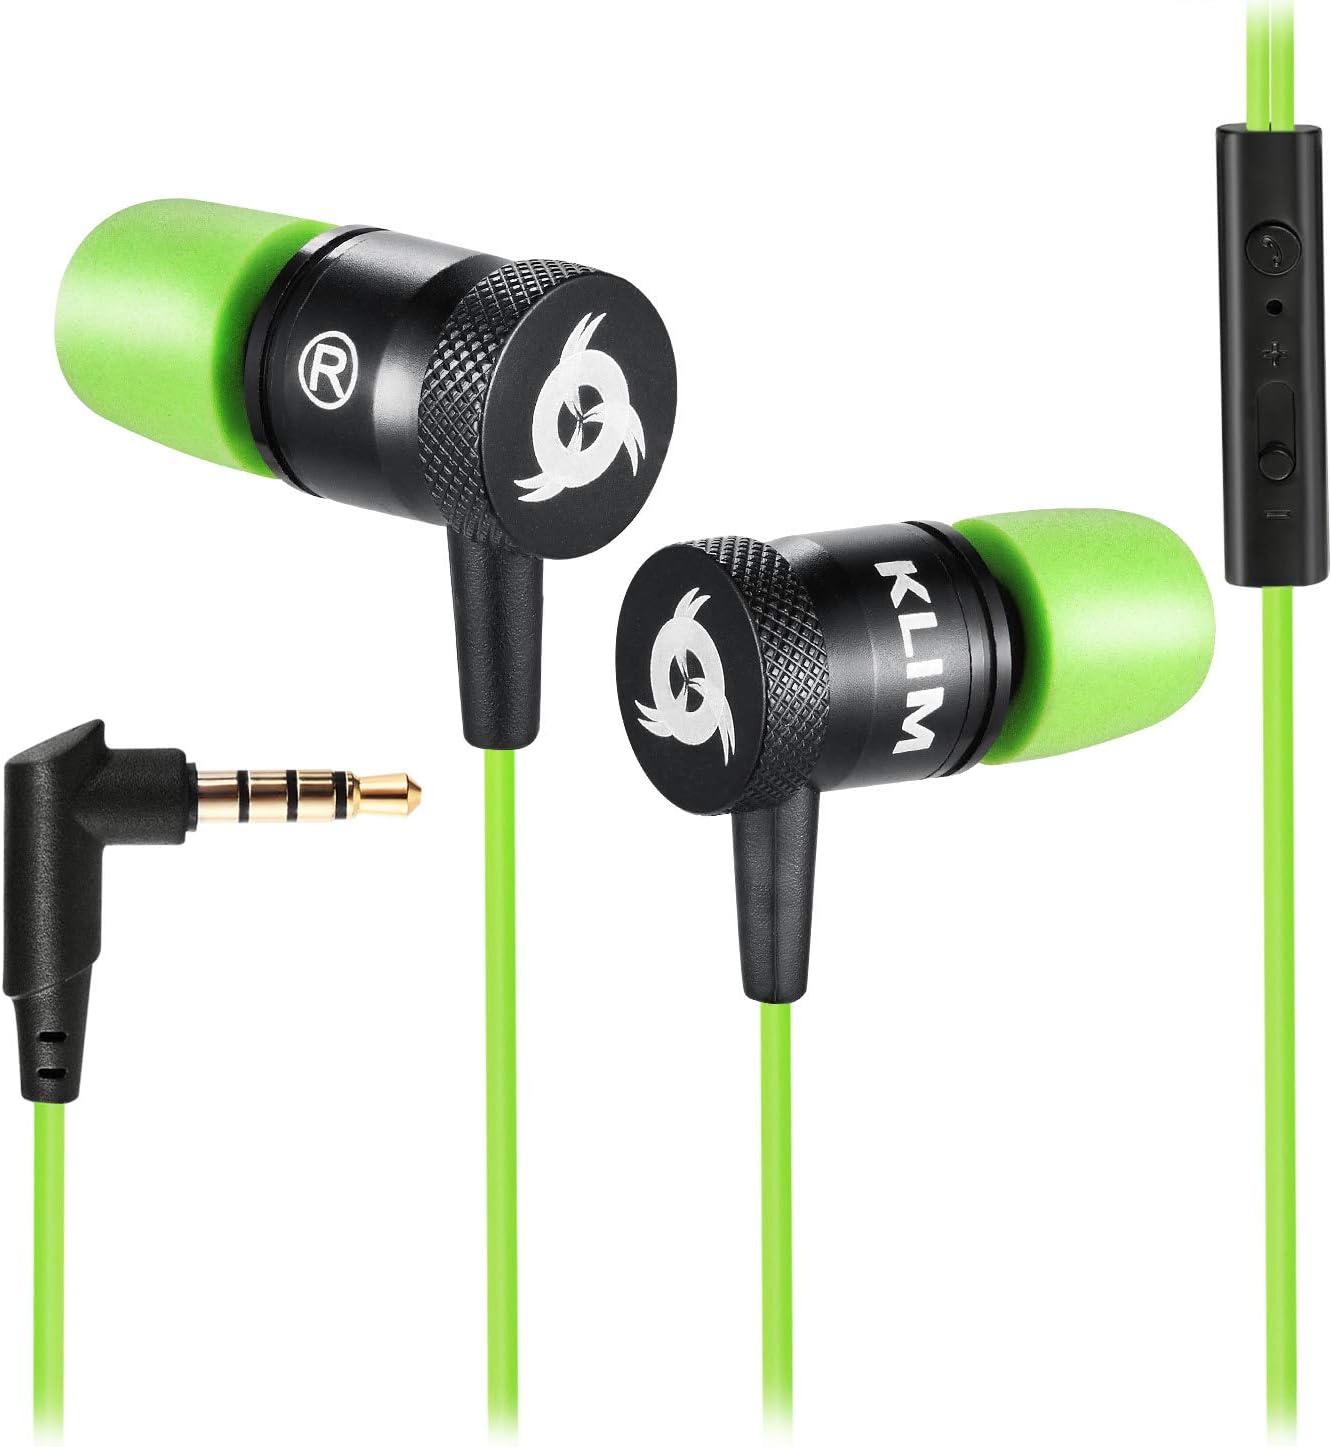 KLIM™ Fusion - Auriculares con micrófono para móvil + Garantía 5 años + Innovadora Espuma de Memoria + Jack 3,5 mm + Compatibles con Smartphone, Tablet, Consola, PC - Nueva Versión 2020 - Verde